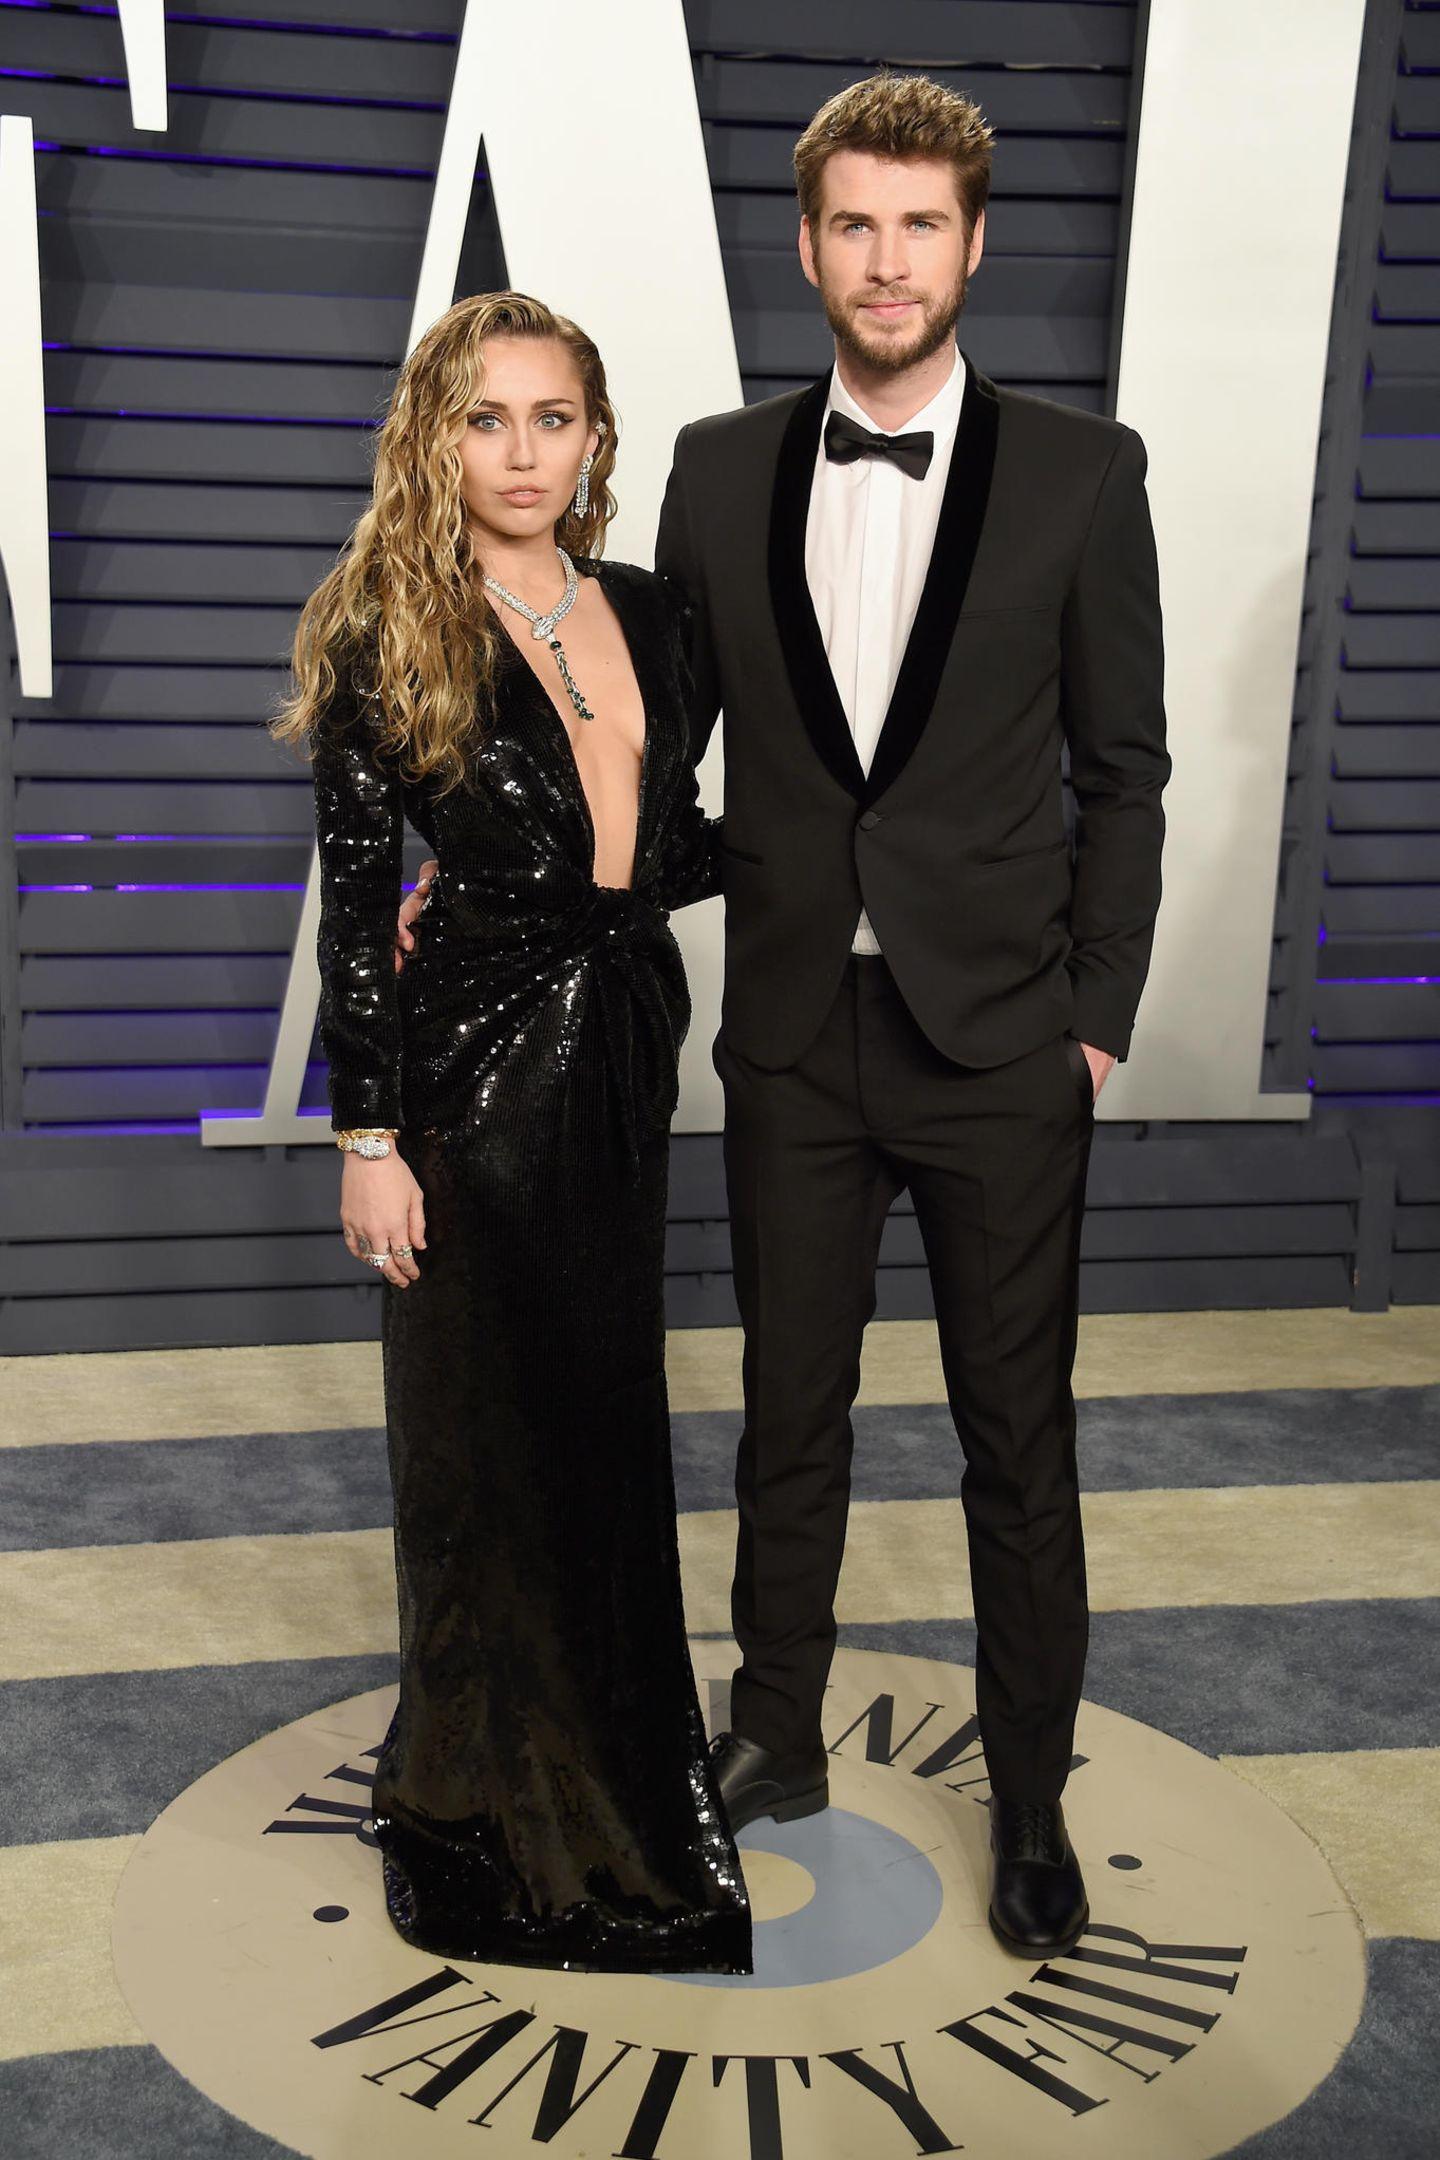 """Frisch verheiratet und einfach unglaublich schick: Miley Cyrus und Liam Hemsworth erscheinen als Traumpaar bei der """"Vanity Fair""""-Party."""